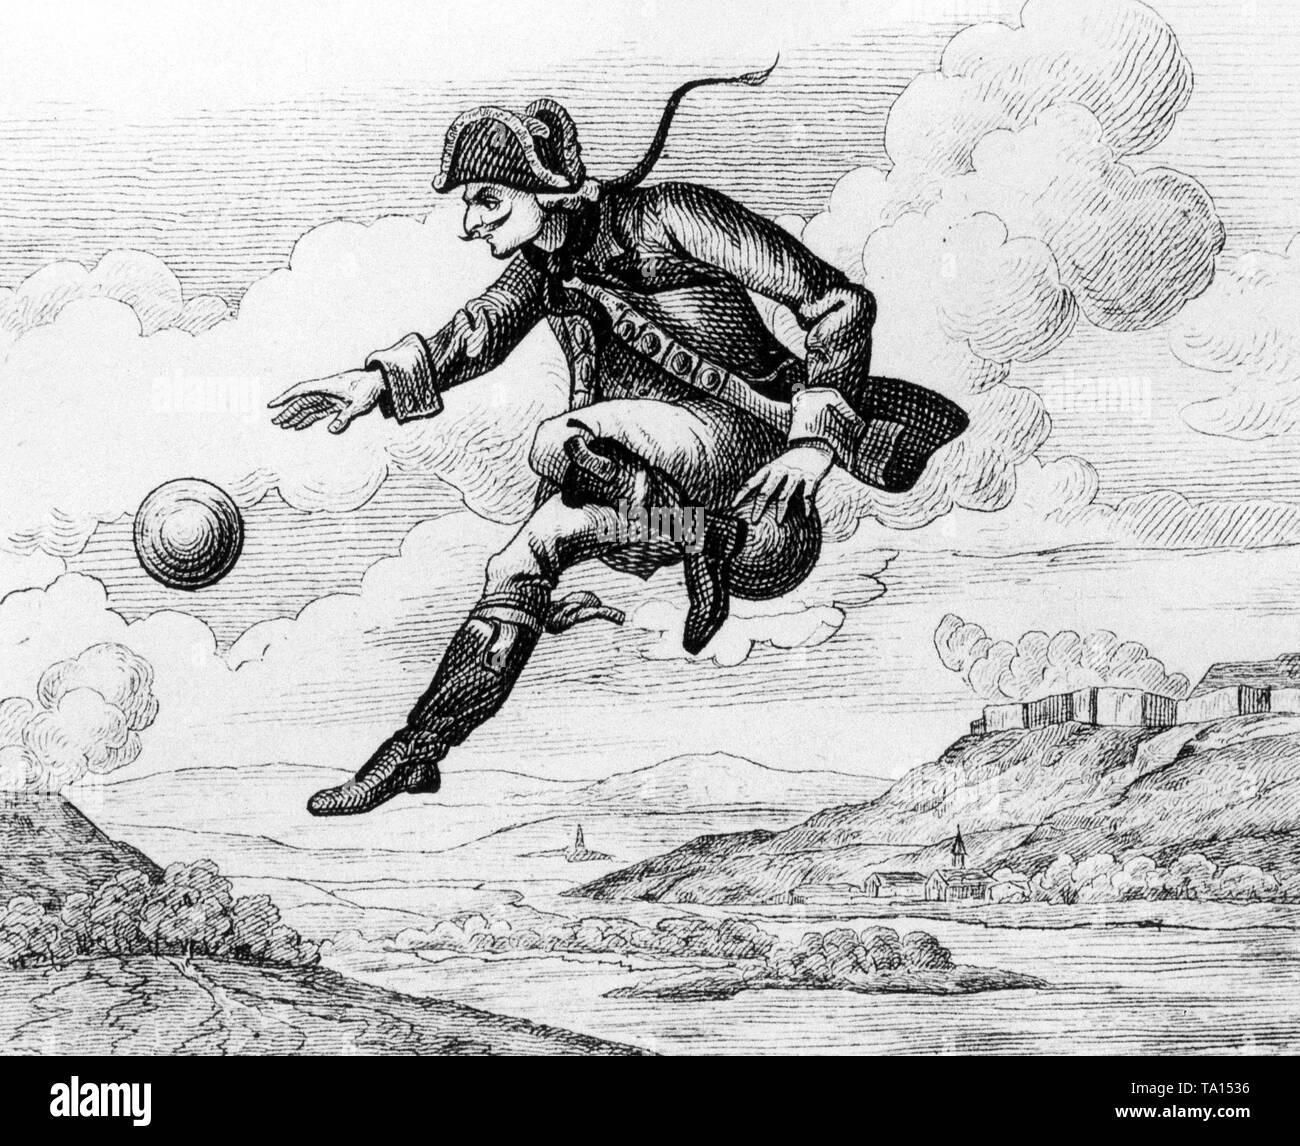 """Ilustración para el cuento """"Paseo sobre el Hombre Bala' por Hieronymus Karl Friedrich Freiherr von Muenchhausen: los llamados """"mentir Baron' vuela sobre una bala de cañón. Foto de stock"""